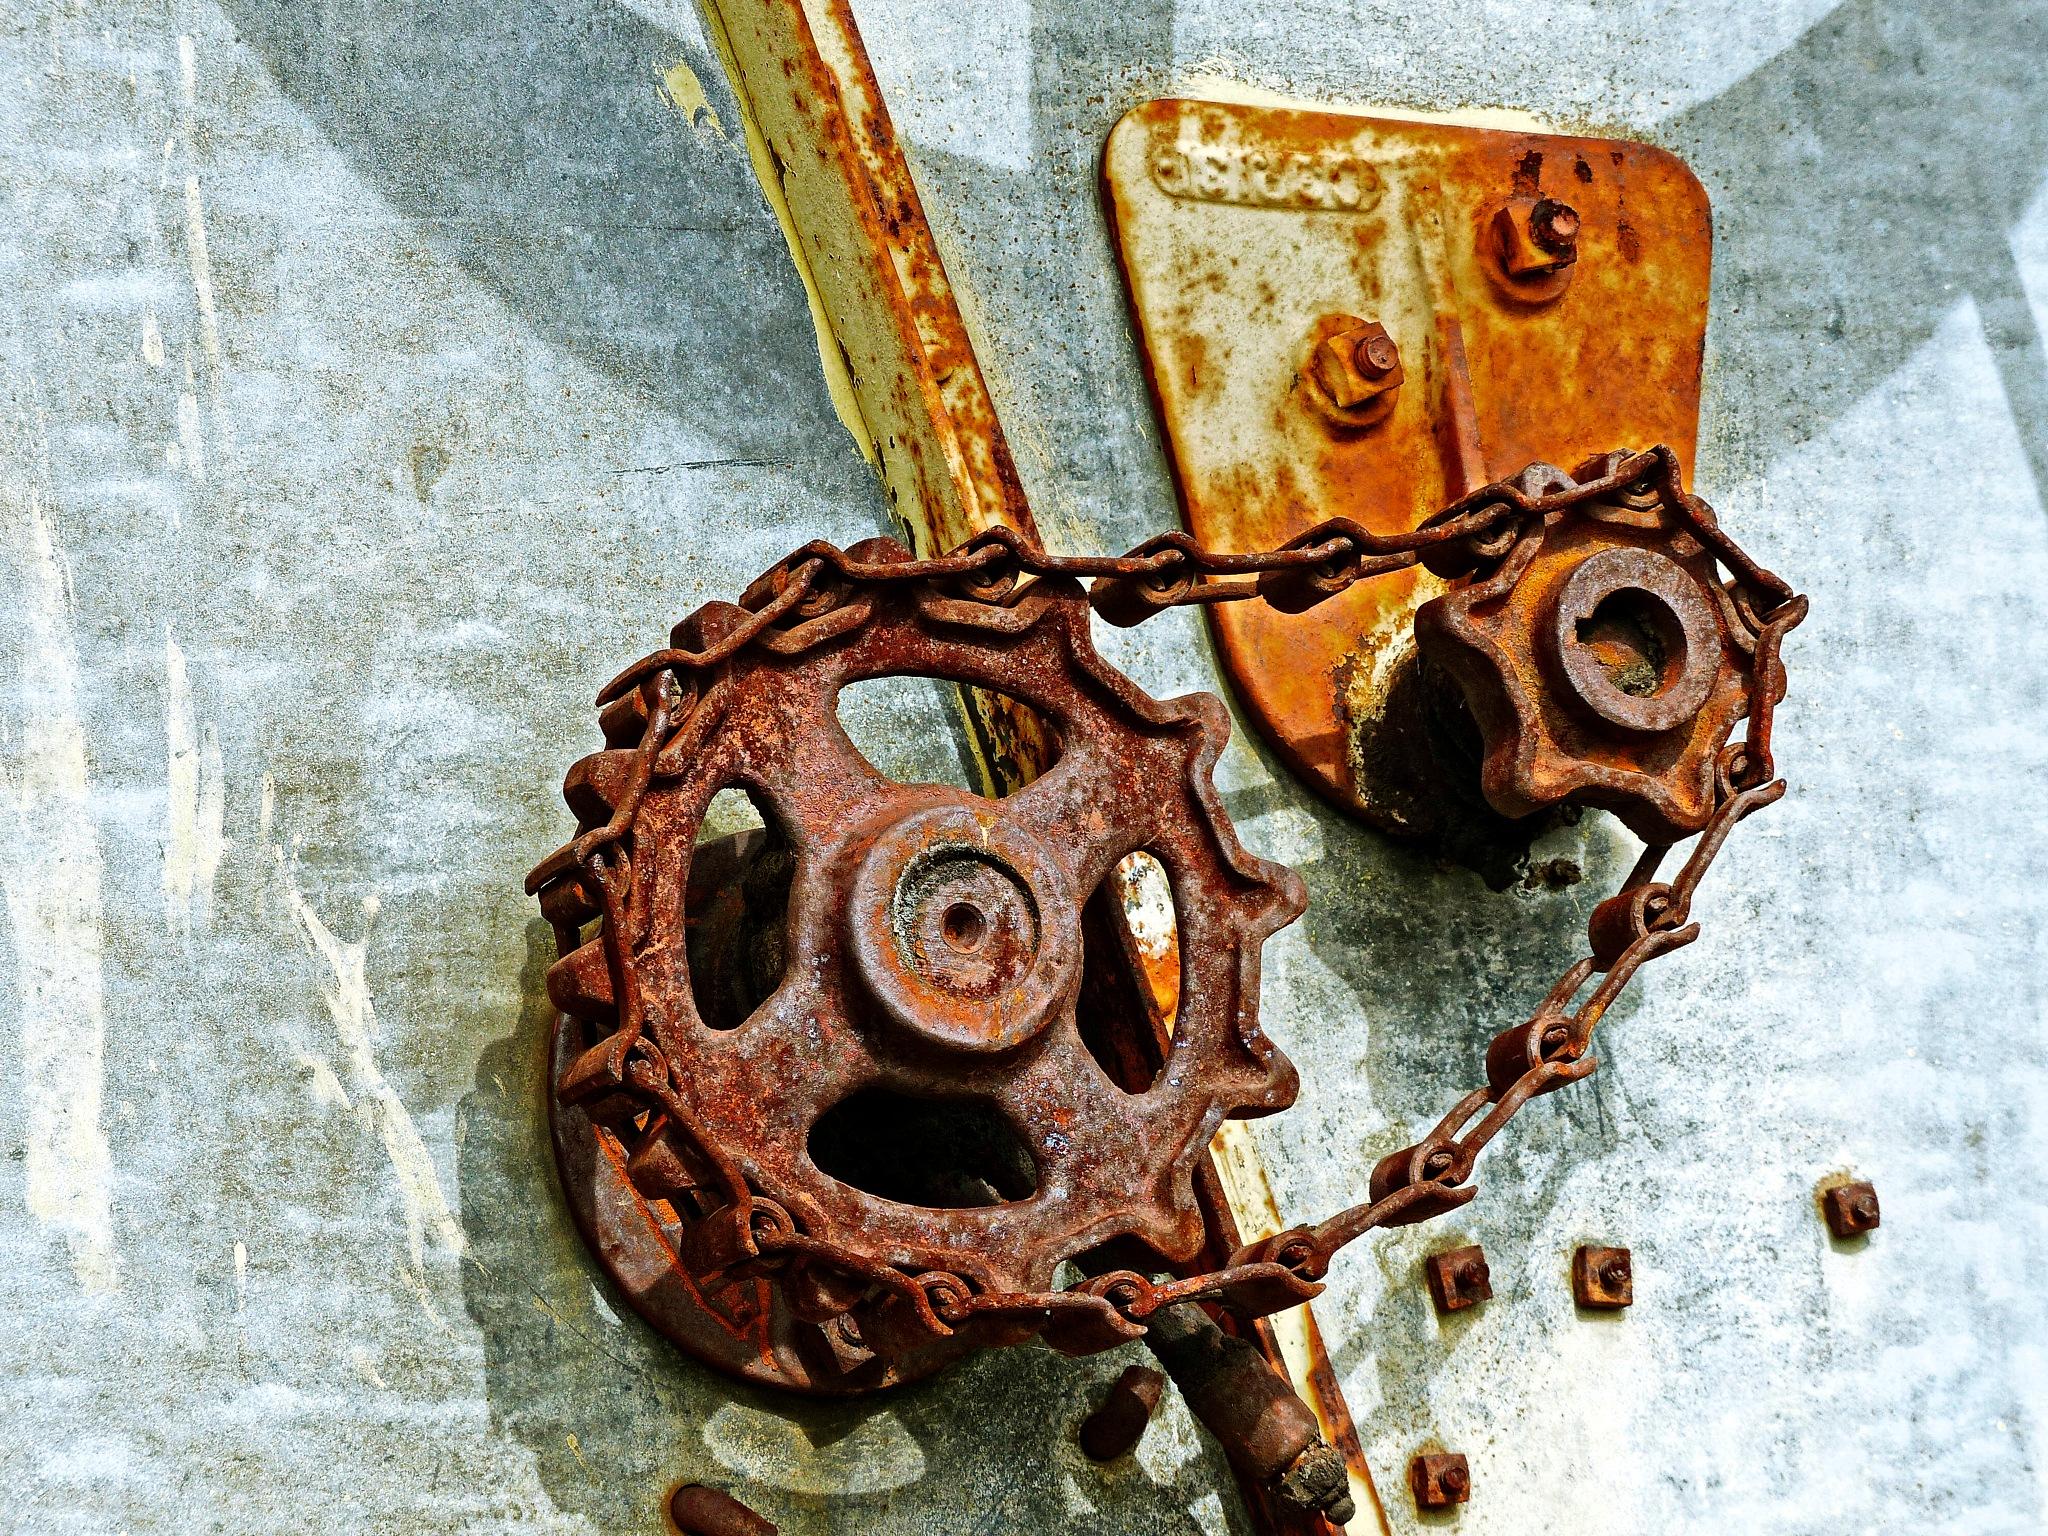 Antique Chain Drive by Brigitte Werner